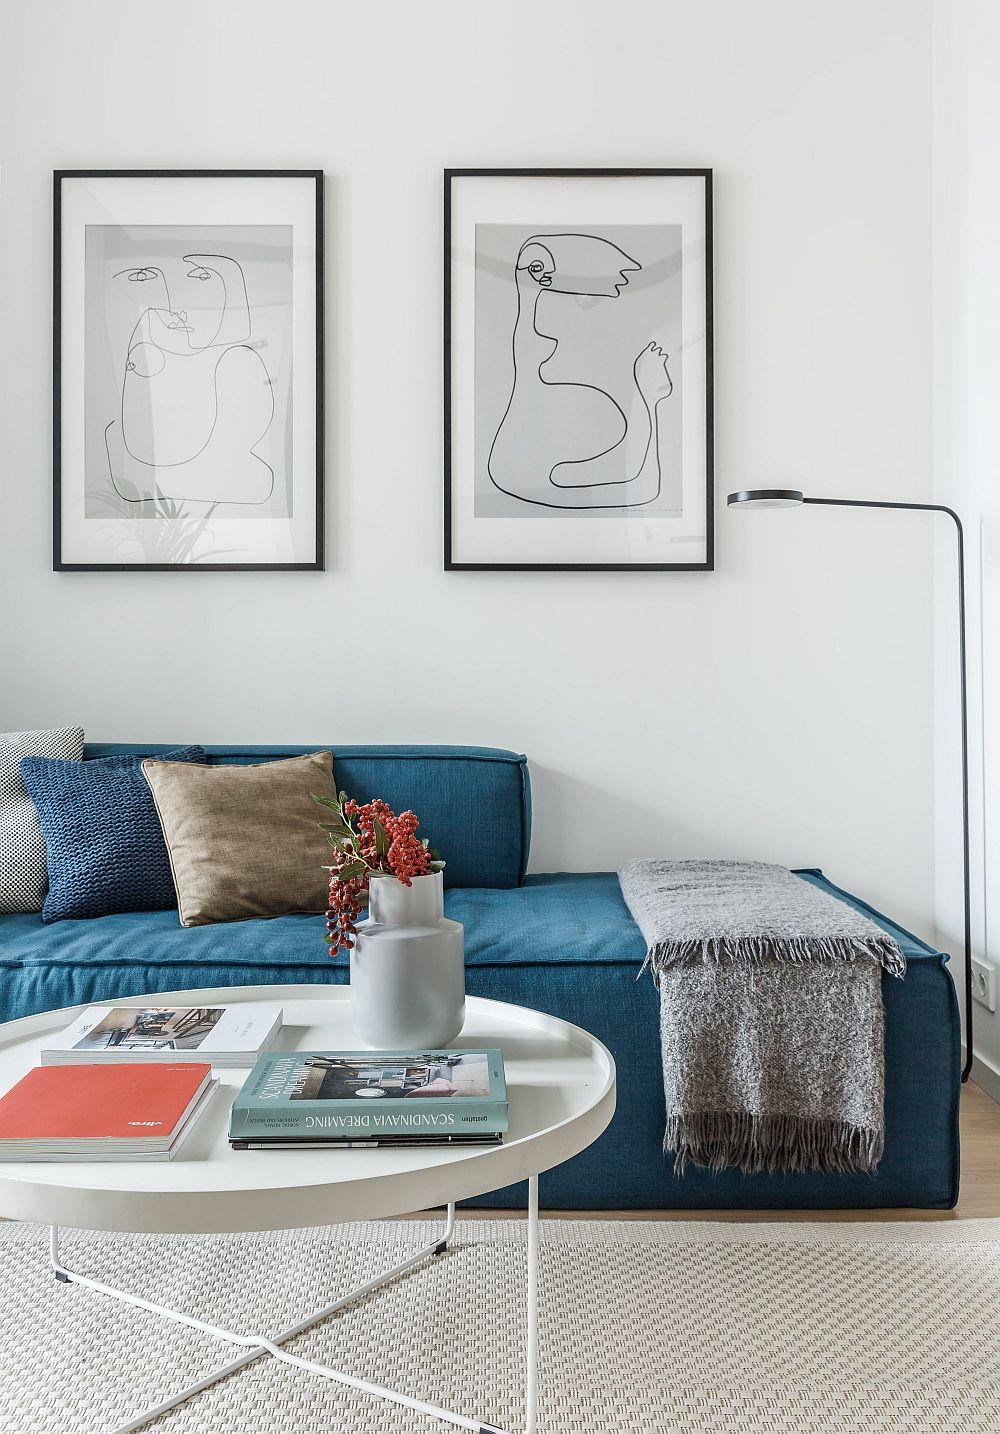 Obiectele cu aspect grafic, subțiri, fine se potrivesc într-un spațiu mic, lăsându-l aerisit. Într-o amenajare minimalistă un accent de culoare, cum ar fi tapițeria canapelei este absolut suficient, mai ales că se pot crea contraste pe suprafețe mici cu ajutorul altor decorațiuni, cum ar fi pernele.